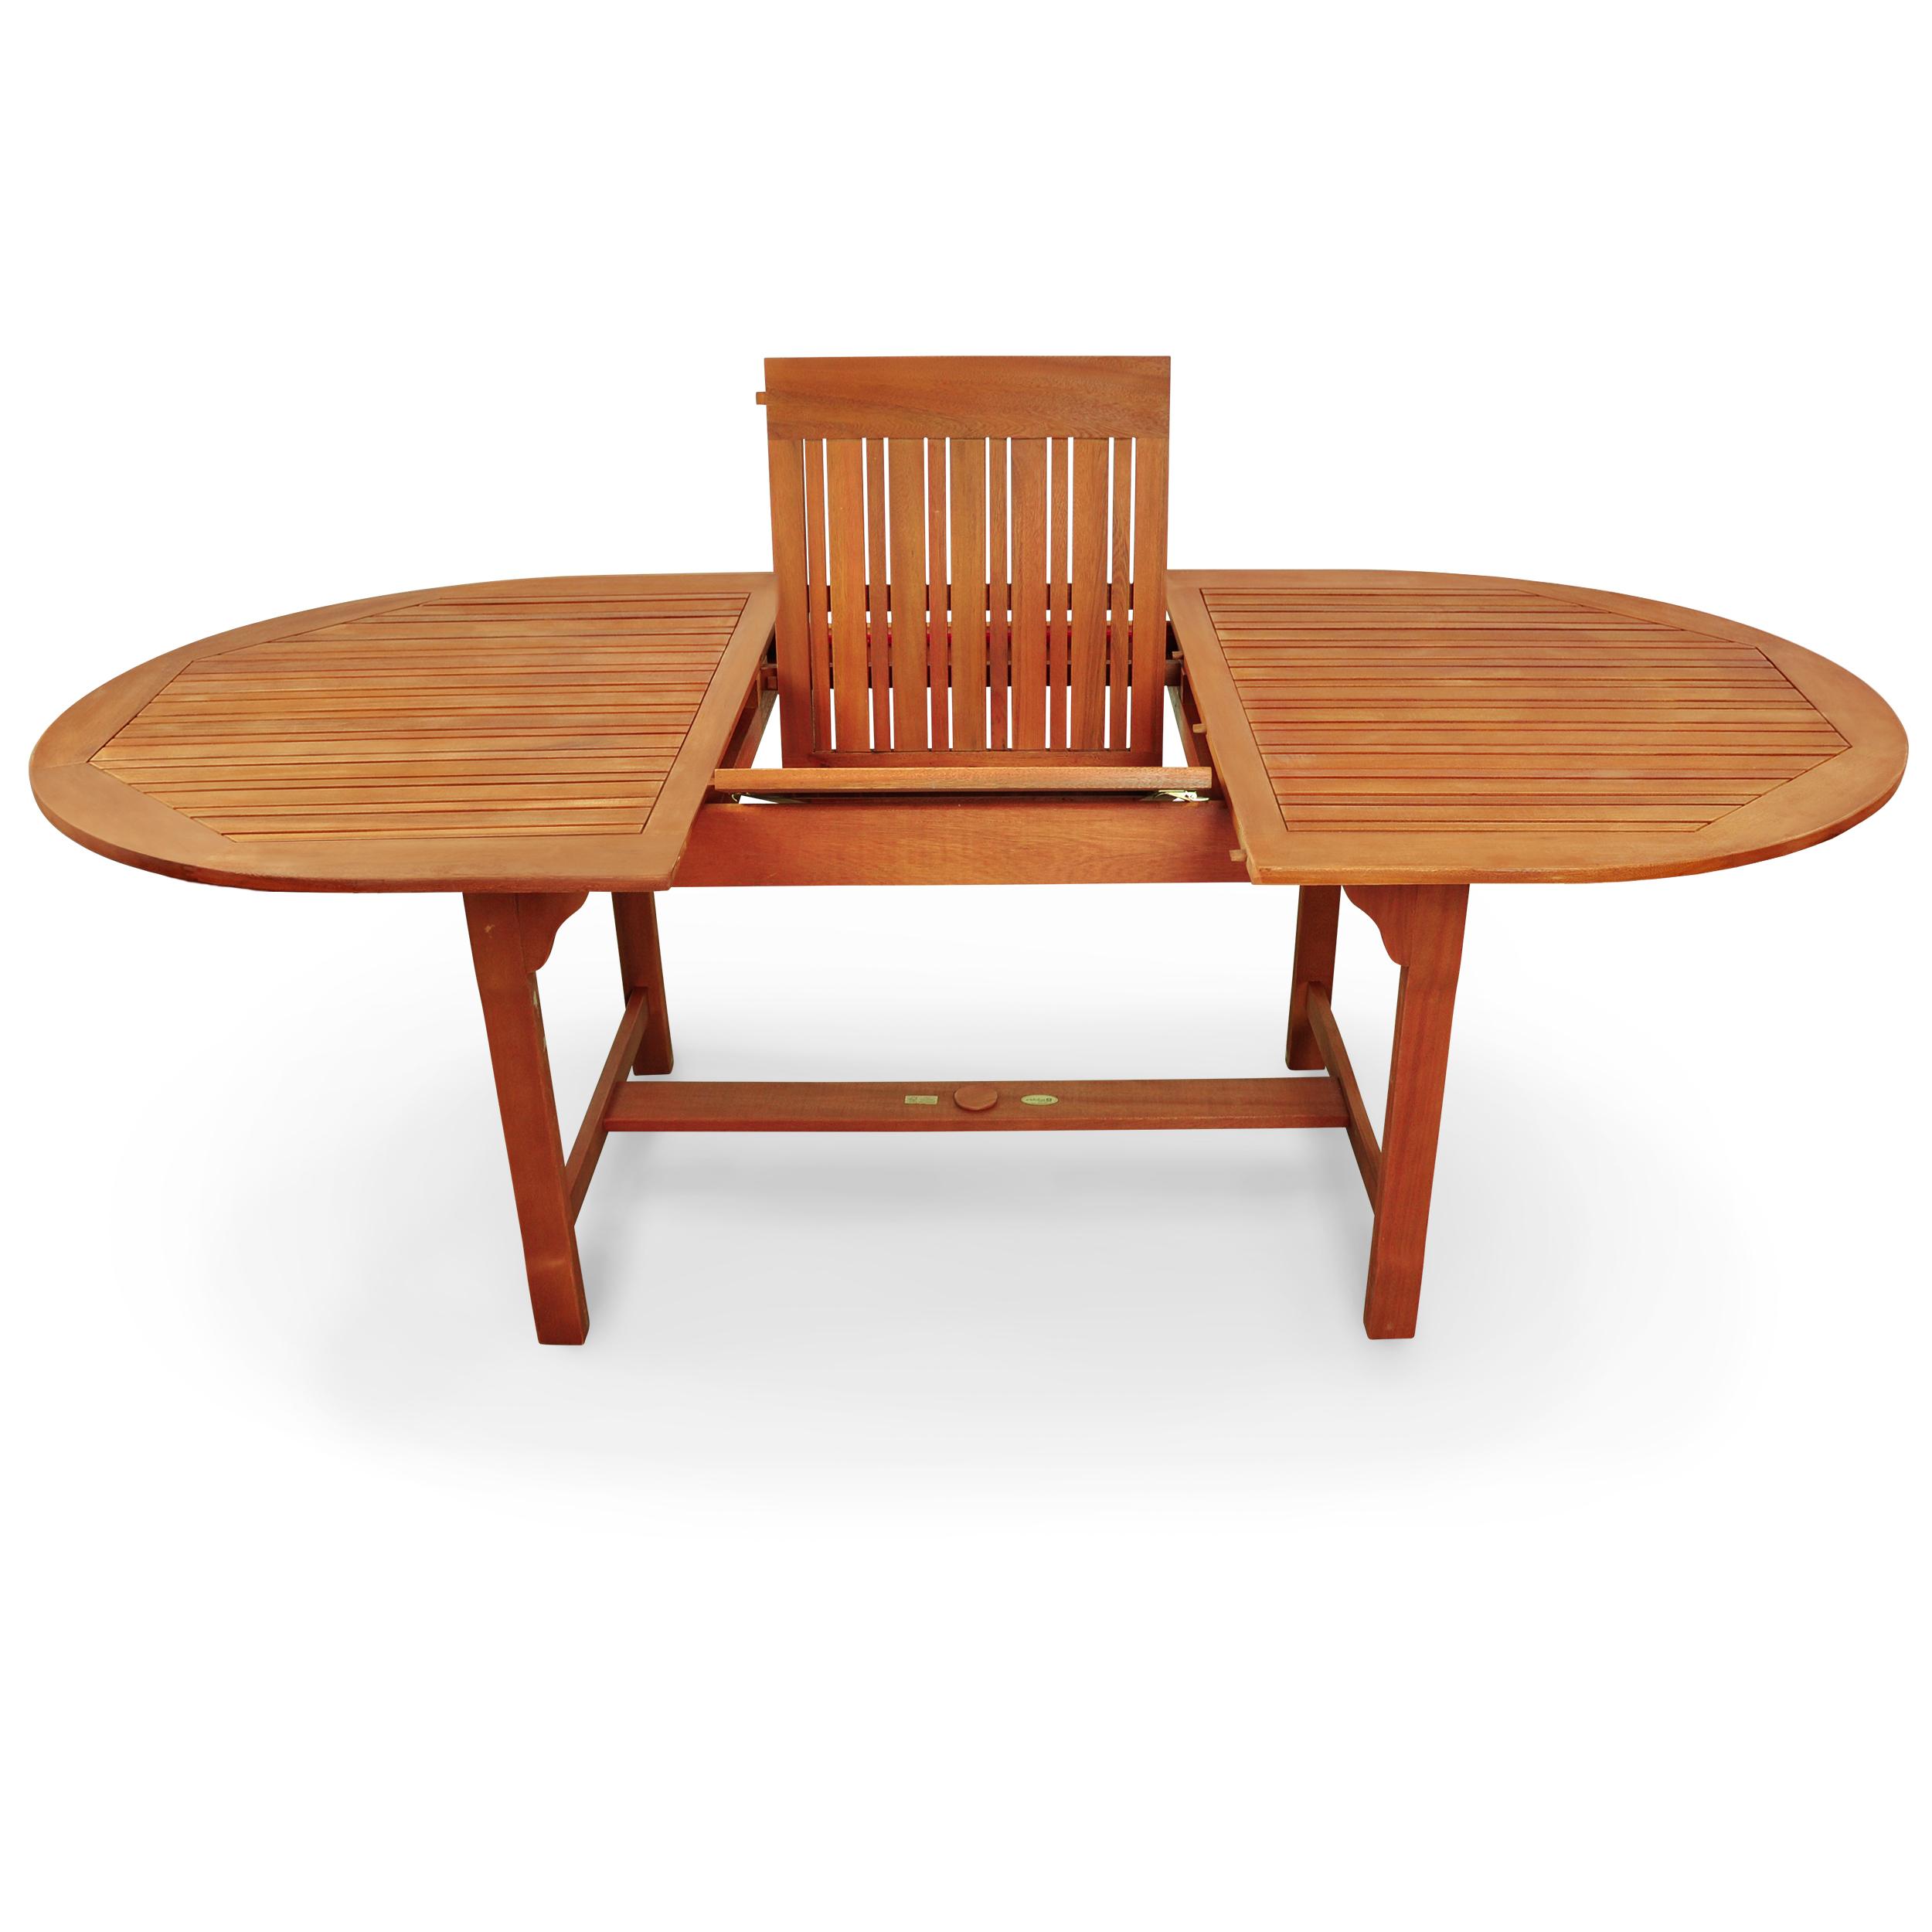 Eukalyptus Gartenmöbel Set Bali, 5-teilig günstig online kaufen